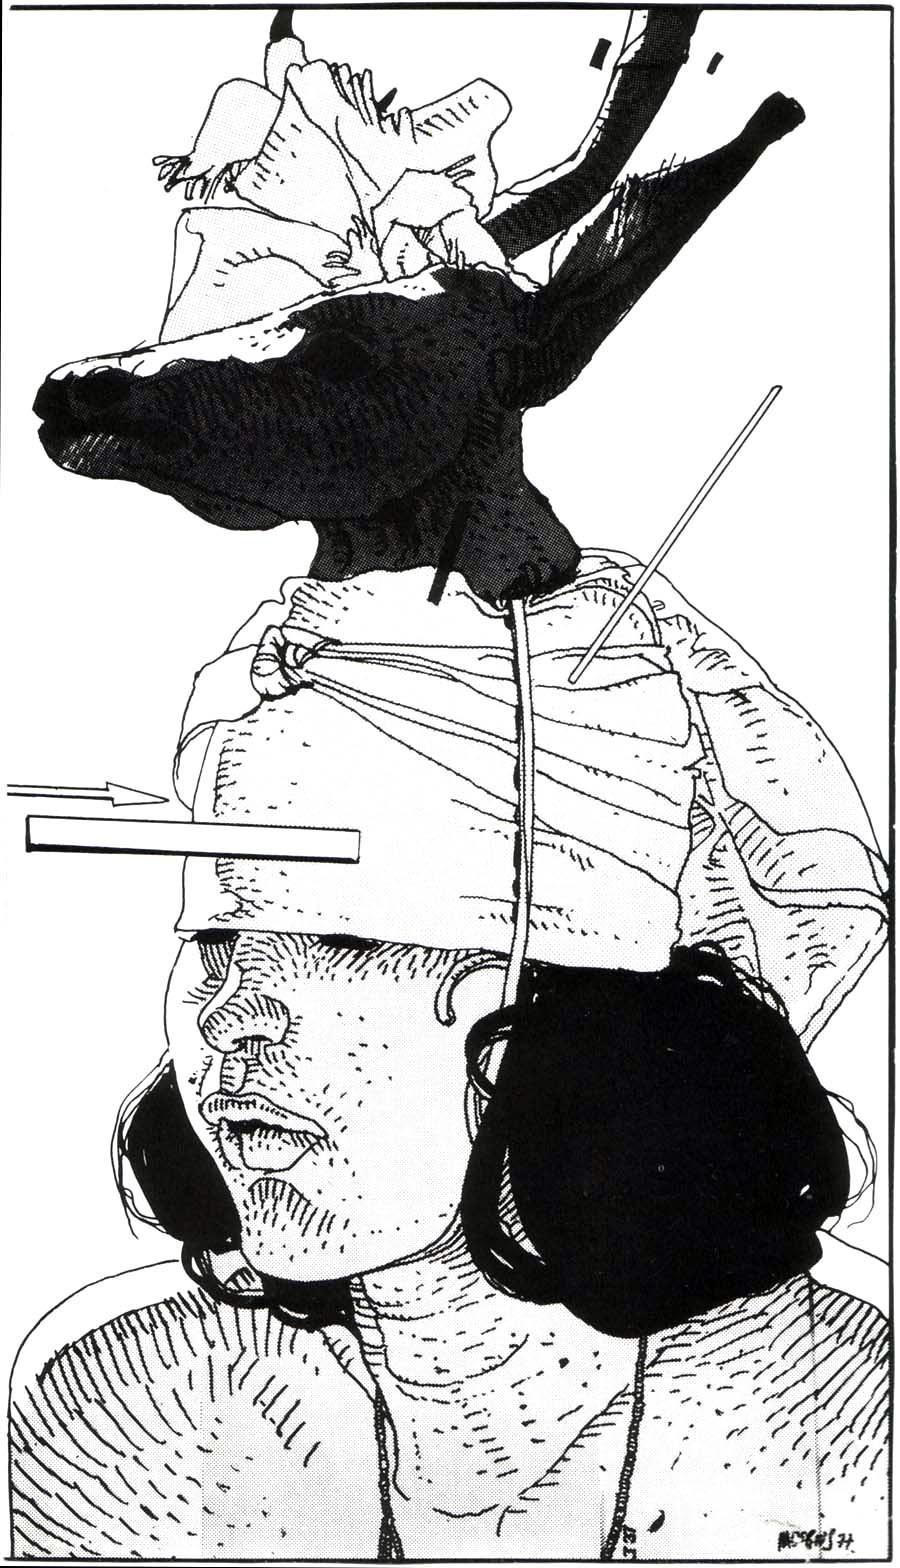 Moebius Giraud | Artbook Nº4 | Surreal comic artist | French illustrator #Surrealismo #Design @deFharo